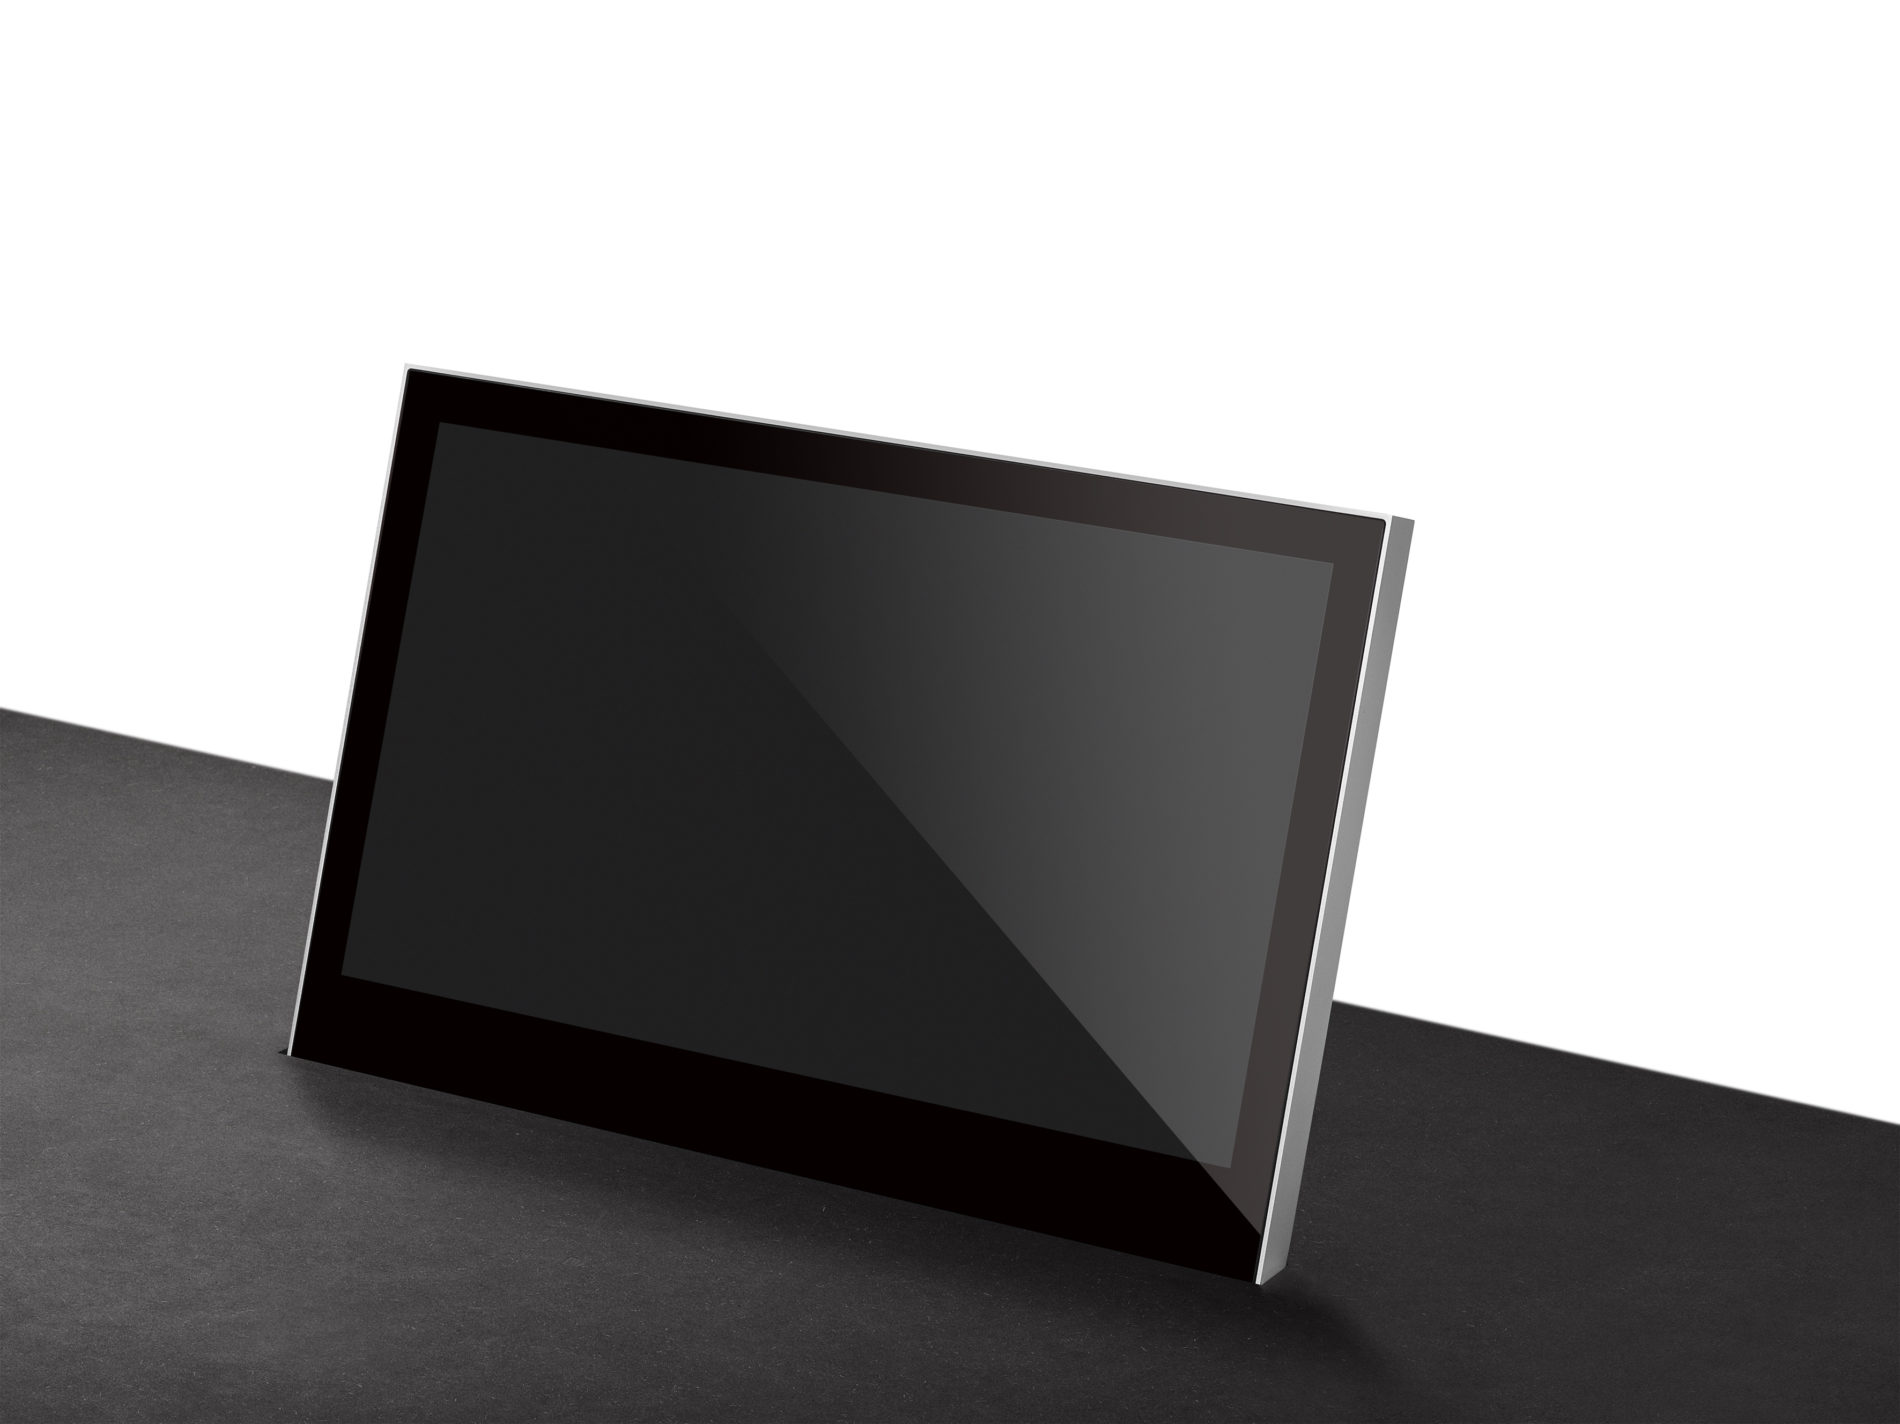 Monitor komplett auf dem Tisch versteckt